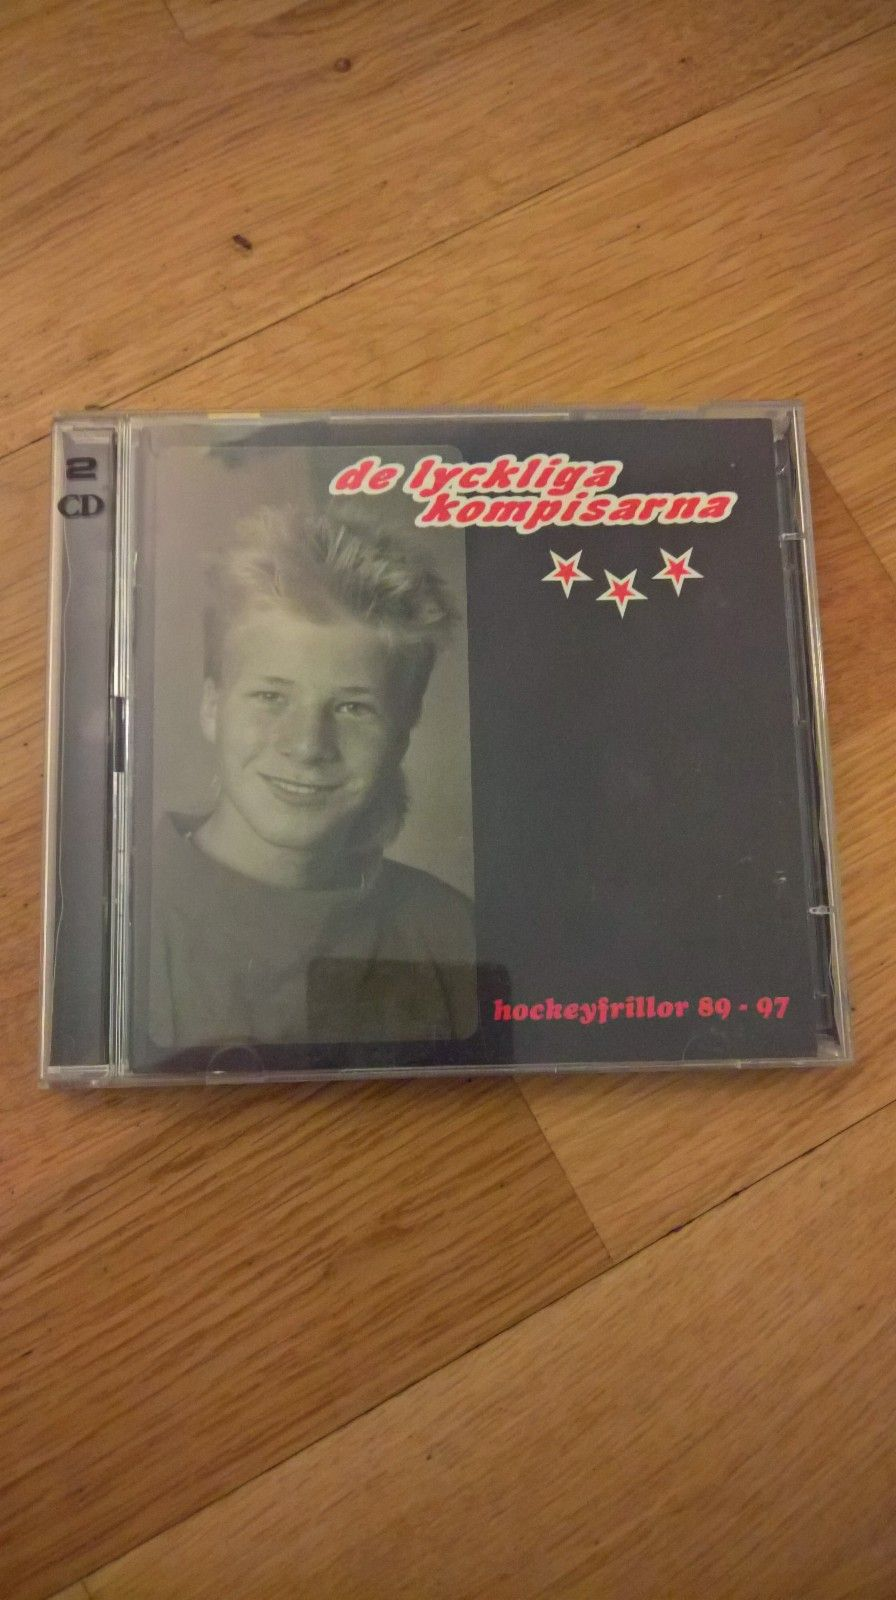 CD stor kuk stora blygdläppar svart fitta